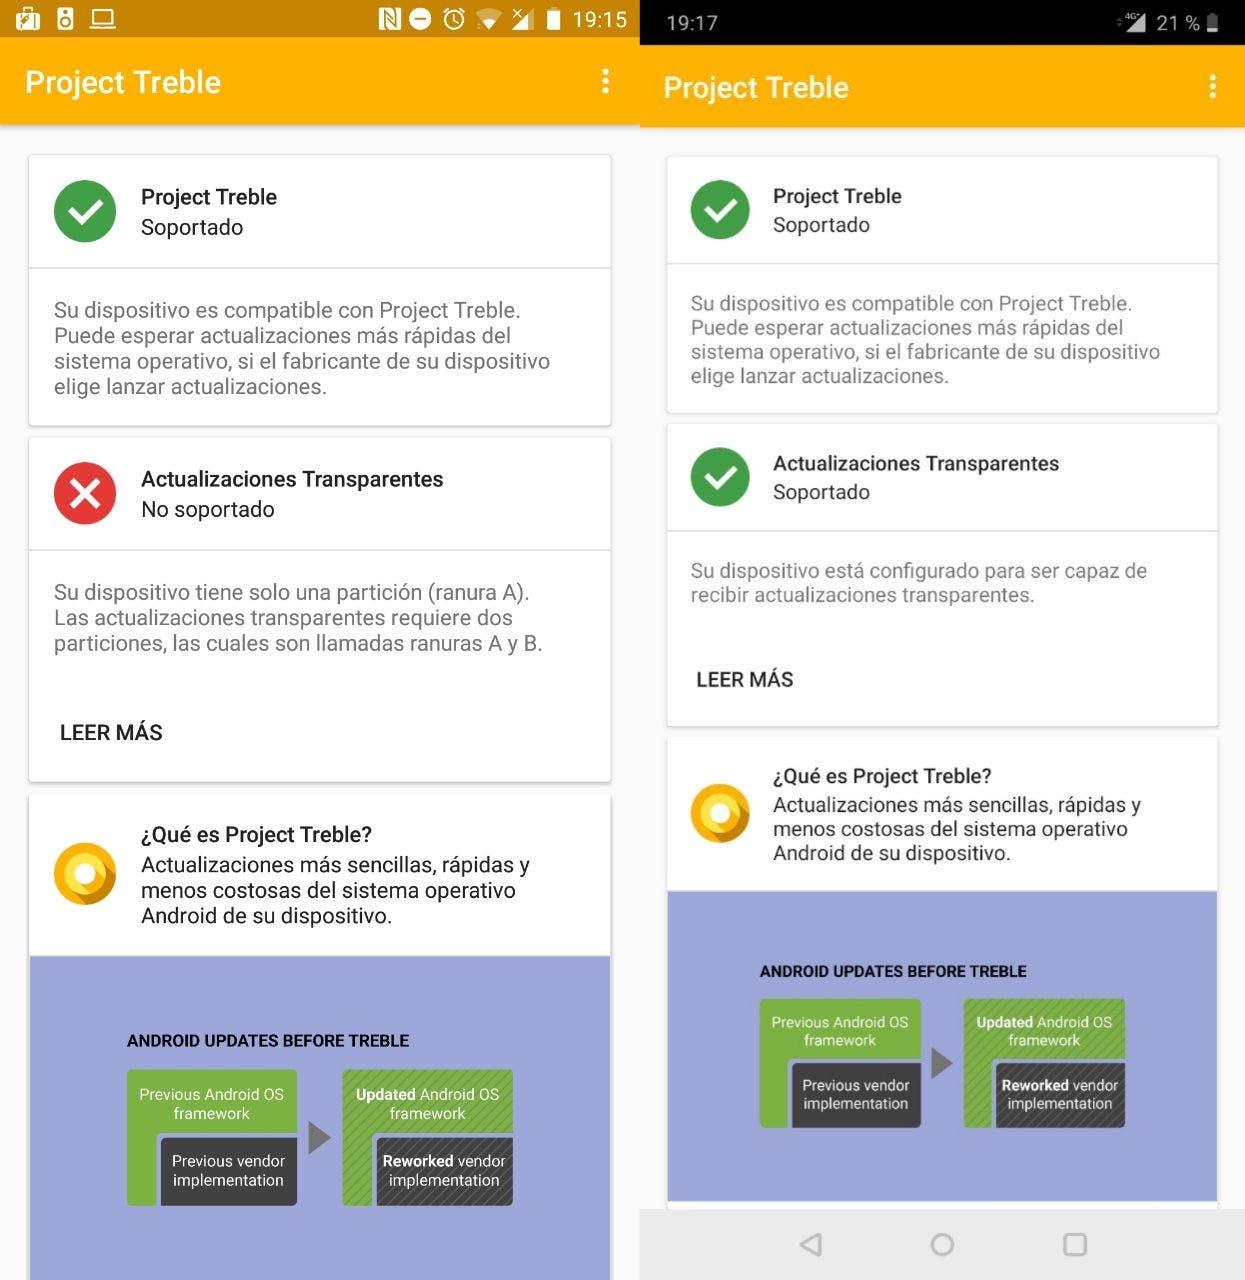 Project Treble: cómo saber si tu móvil es compatible